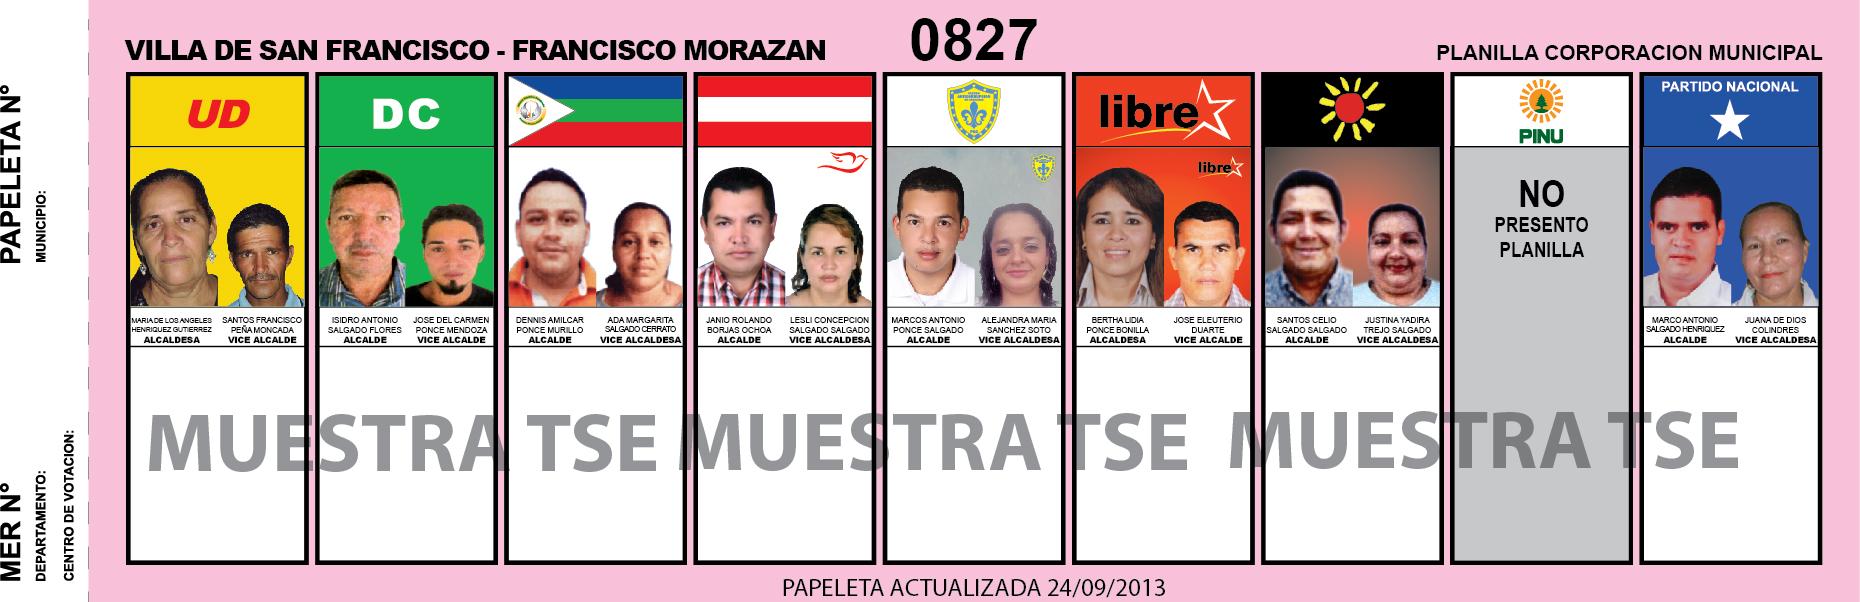 CANDIDATOS 2013 MUNICIPIO VILLA DE SAN FRANCISCO - FRANCISCO MORAZAN - HONDURAS